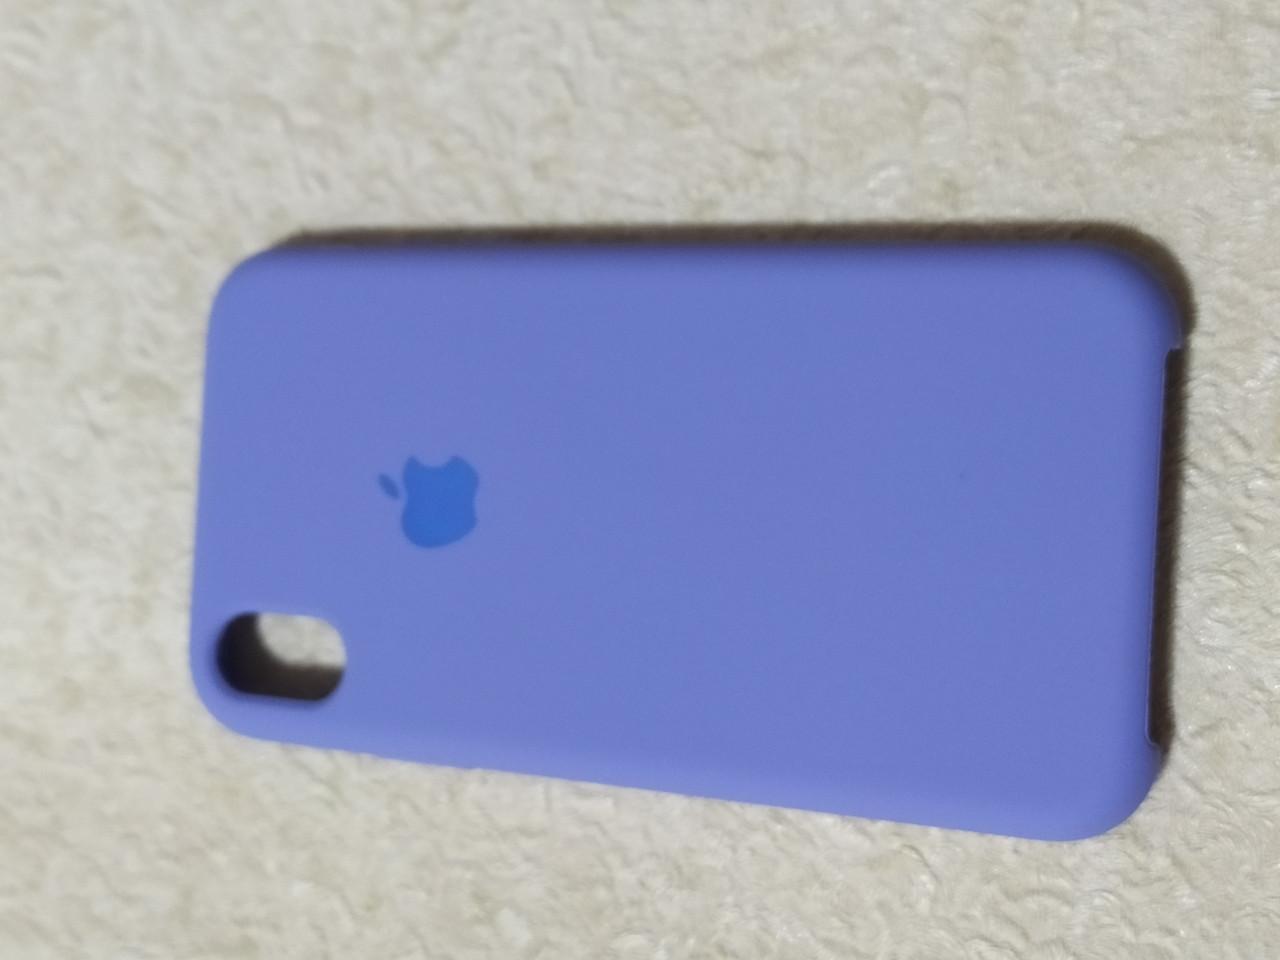 Накладка   Silicon Case Original  для  iPhone XR  6.1  (сиреневый)